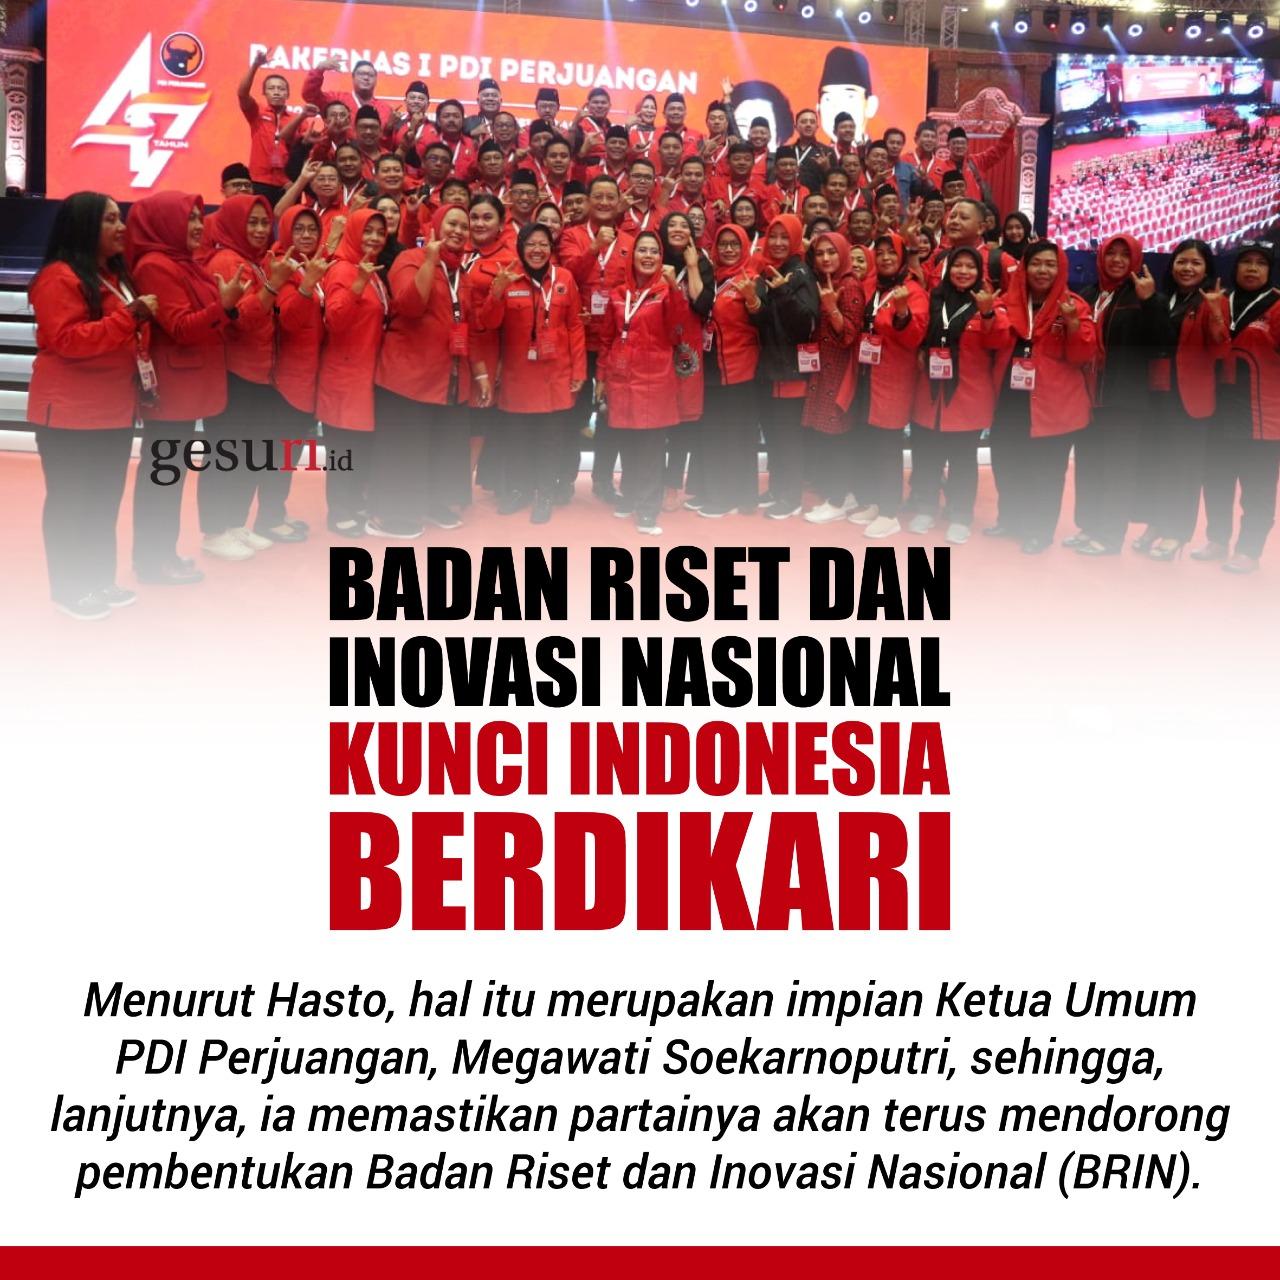 Badan Riset dan inovasi Nasional Kunci Indonesia Berdikari